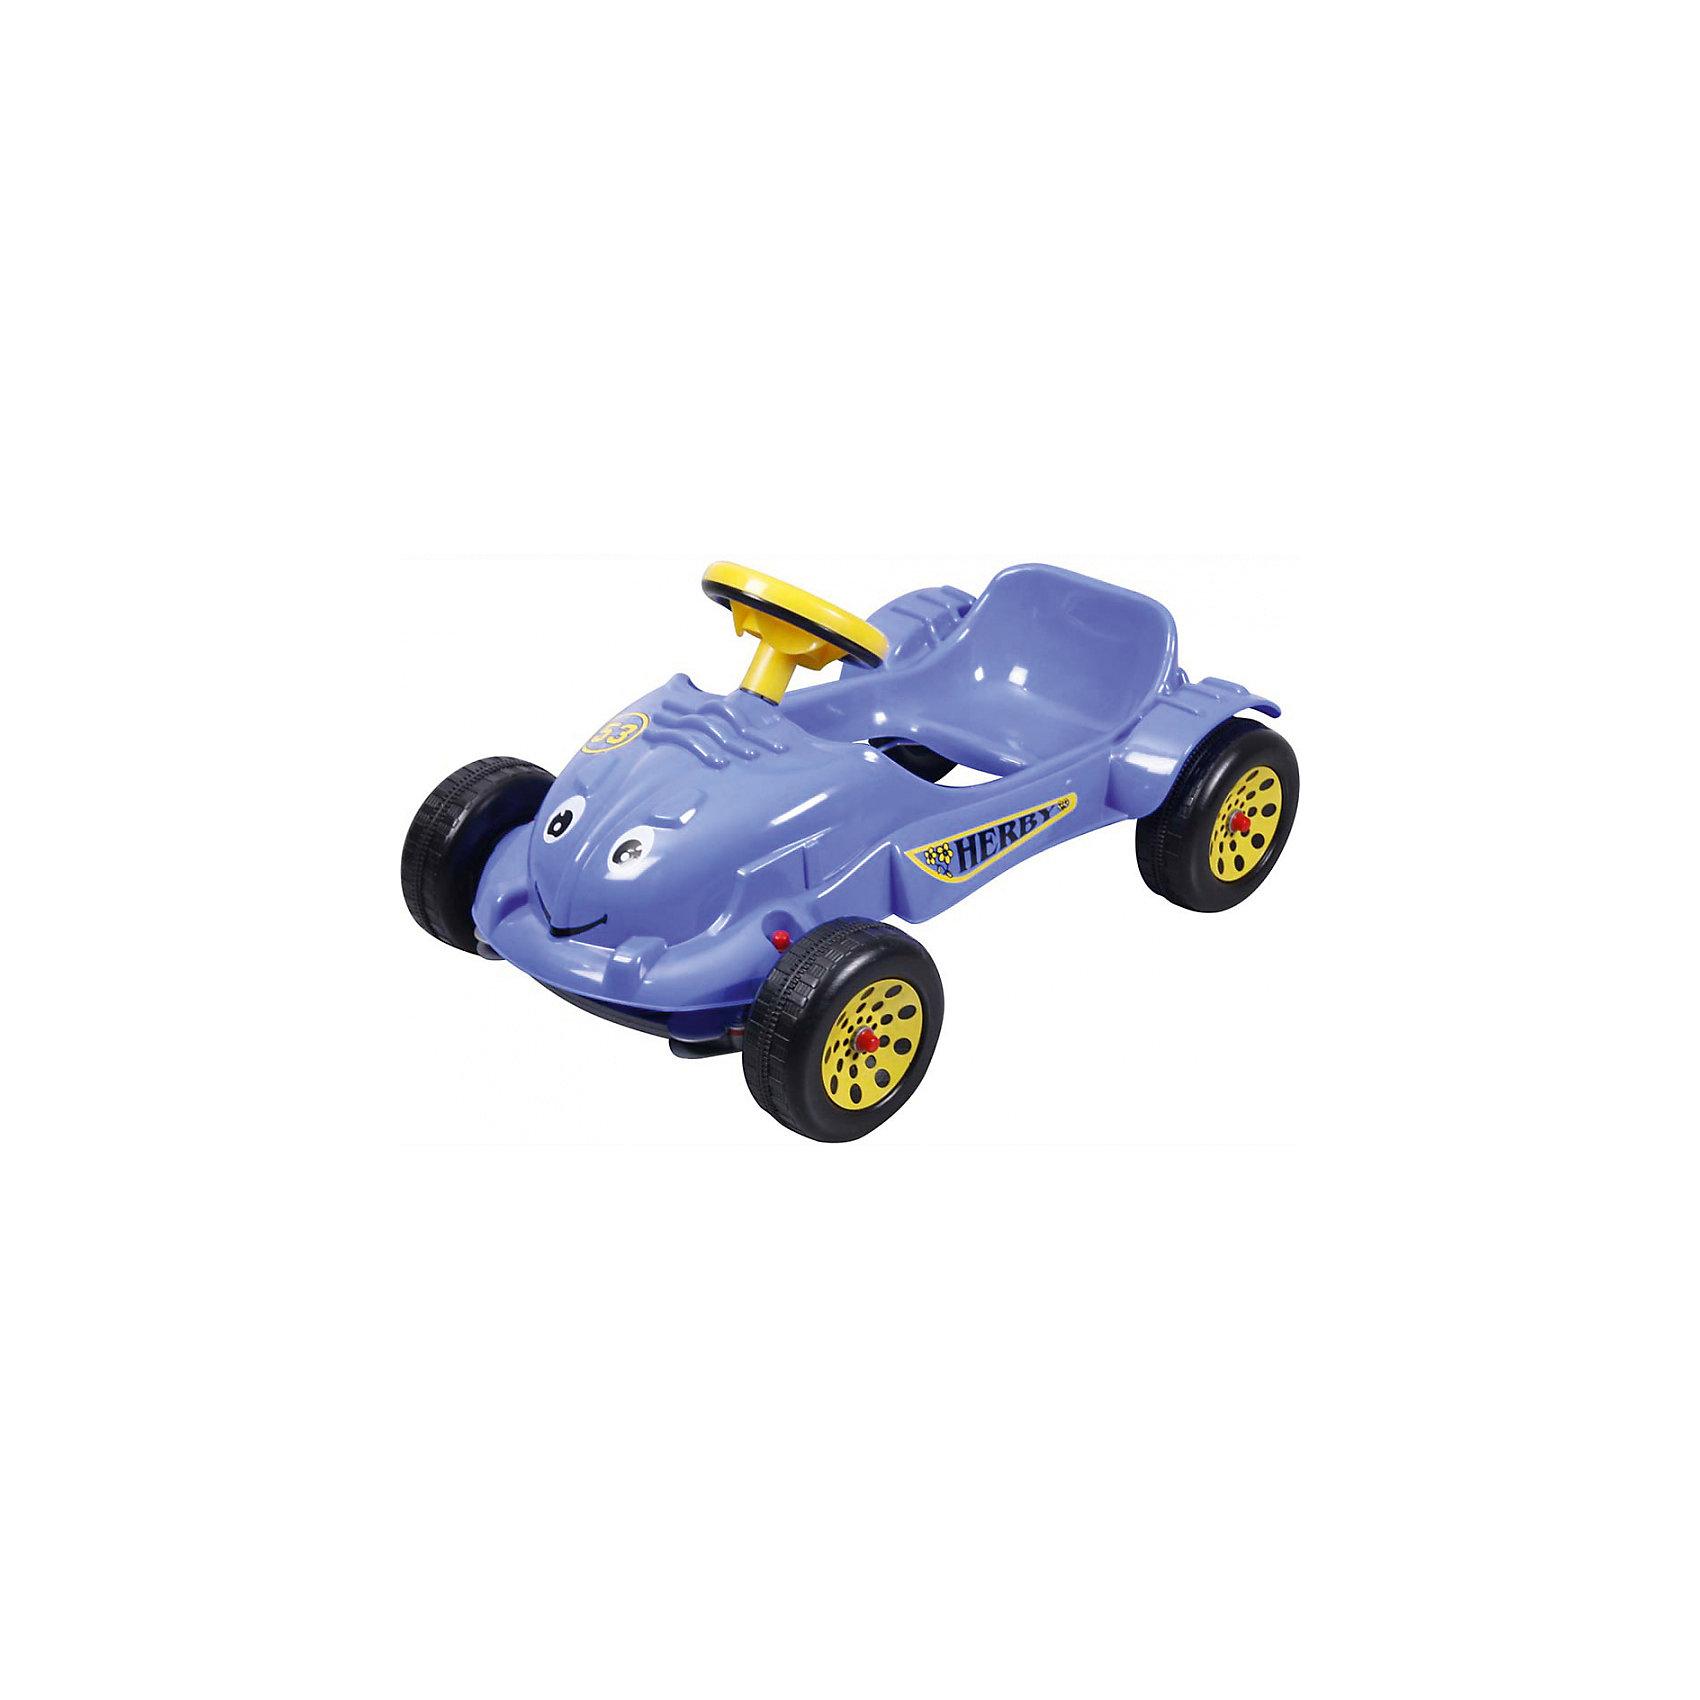 Педальная машина Herby Car, PILSANМашинки-каталки<br>Педальная машинка Herby Car Pilsan (Пилсан). <br>Педальная машинка Herby Car Pilsan (Пилсан) с приветливой улыбкой и большими добрыми глазами обрадует Вашего малыша. Педальный привод машинки  Herby Car Pilsan (Пилсан) дает ребенку необходимую физическую нагрузку, развивает координацию движений, укрепляет мышцы ног. В процессе игры развивается общая моторика, умение управлять своим телом. <br> Педальная машина Herby Car Pilsan (Пилсан) не зависит от батарей и других источников питания, что дает большую свободу в использовании. Благодаря низкой посадке, машина более устойчива. <br> Машина Herby Car Pilsan (Пилсан) очень проста и легка в эксплуатации, поэтому,  малыш сможет кататься на ней самостоятельно. Ваш ребенок почувствует себя настоящим водителем. Эта симпатичная и надежная машинка идеально подходит для прогулок по городу или во дворе, а также и для игры в помещении. <br>Дополнительная информация:<br>-Вес – 4.08 кг; <br>-Материал : высококачественный пластик;<br>-Механический гудок;<br>-Ширина: 53 см;<br>-Длина: 73 см;<br>-Высота: 42 см;<br>-Максимальная нагрузка: 20 кг.<br><br>Педальную машину Herby Car Pilsan (Пилсан) можно купить в нашем интернет - магазине.<br><br>Ширина мм: 1000<br>Глубина мм: 1000<br>Высота мм: 1000<br>Вес г: 16400<br>Возраст от месяцев: 24<br>Возраст до месяцев: 48<br>Пол: Унисекс<br>Возраст: Детский<br>SKU: 4789537